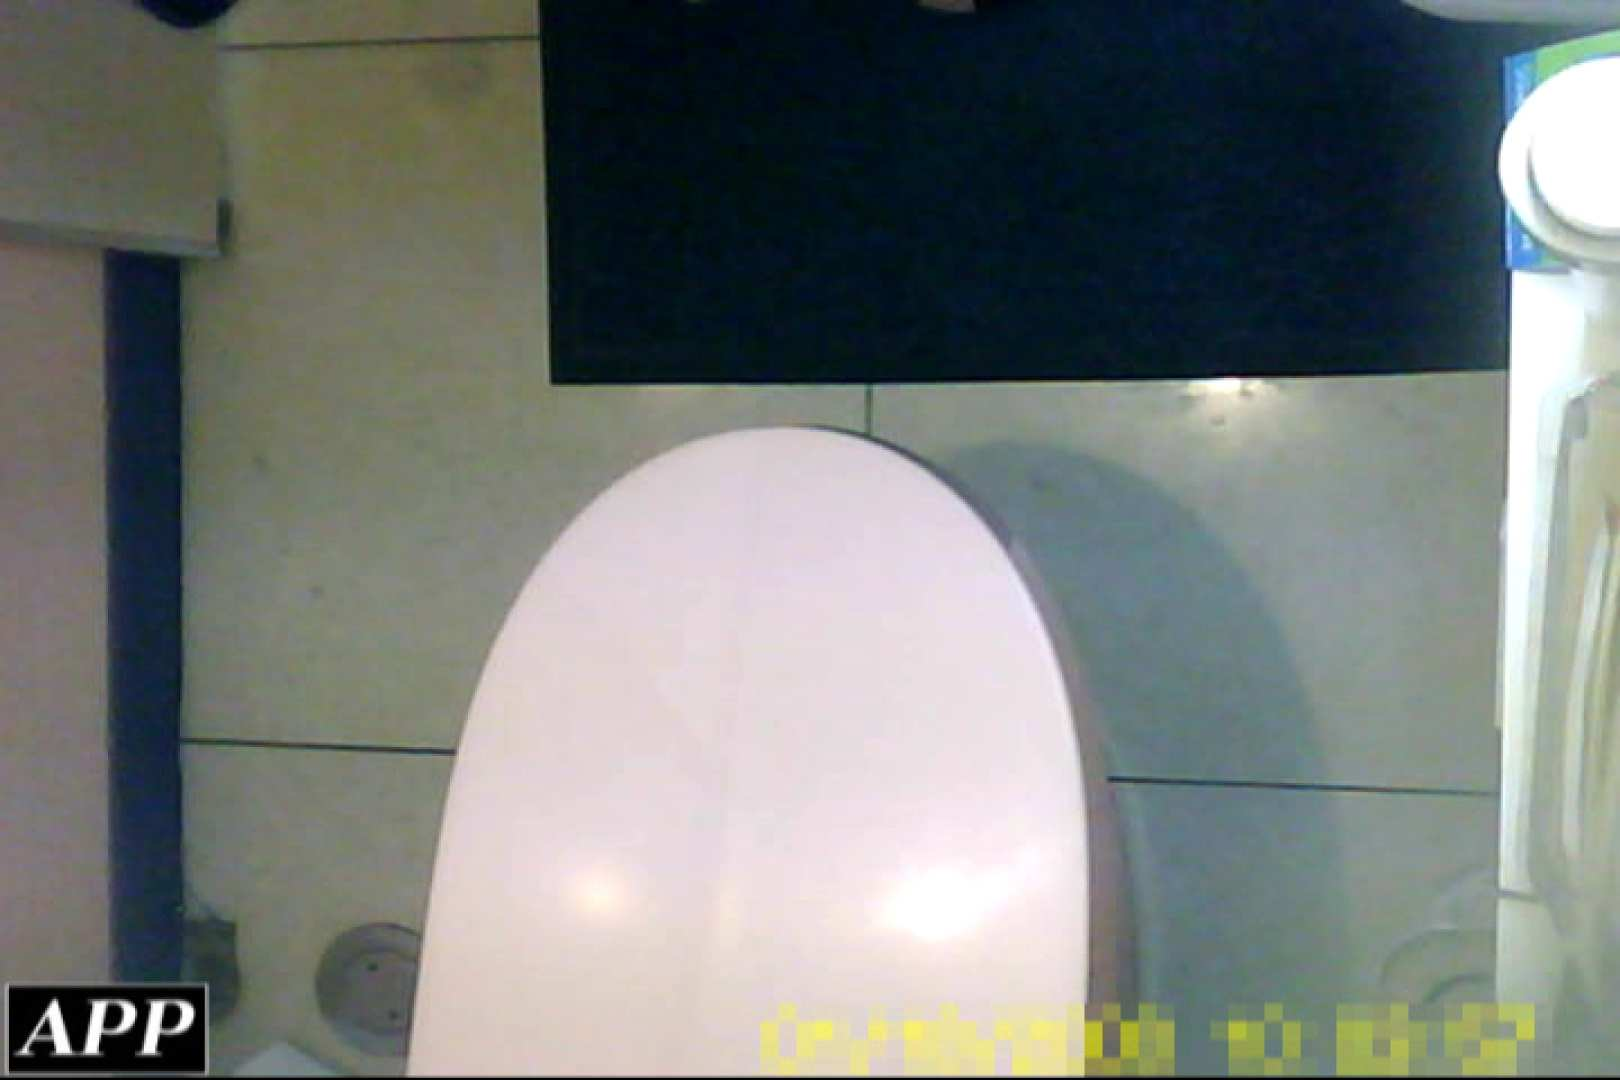 3視点洗面所 vol.26 OLのボディ   盗撮  61PIX 37